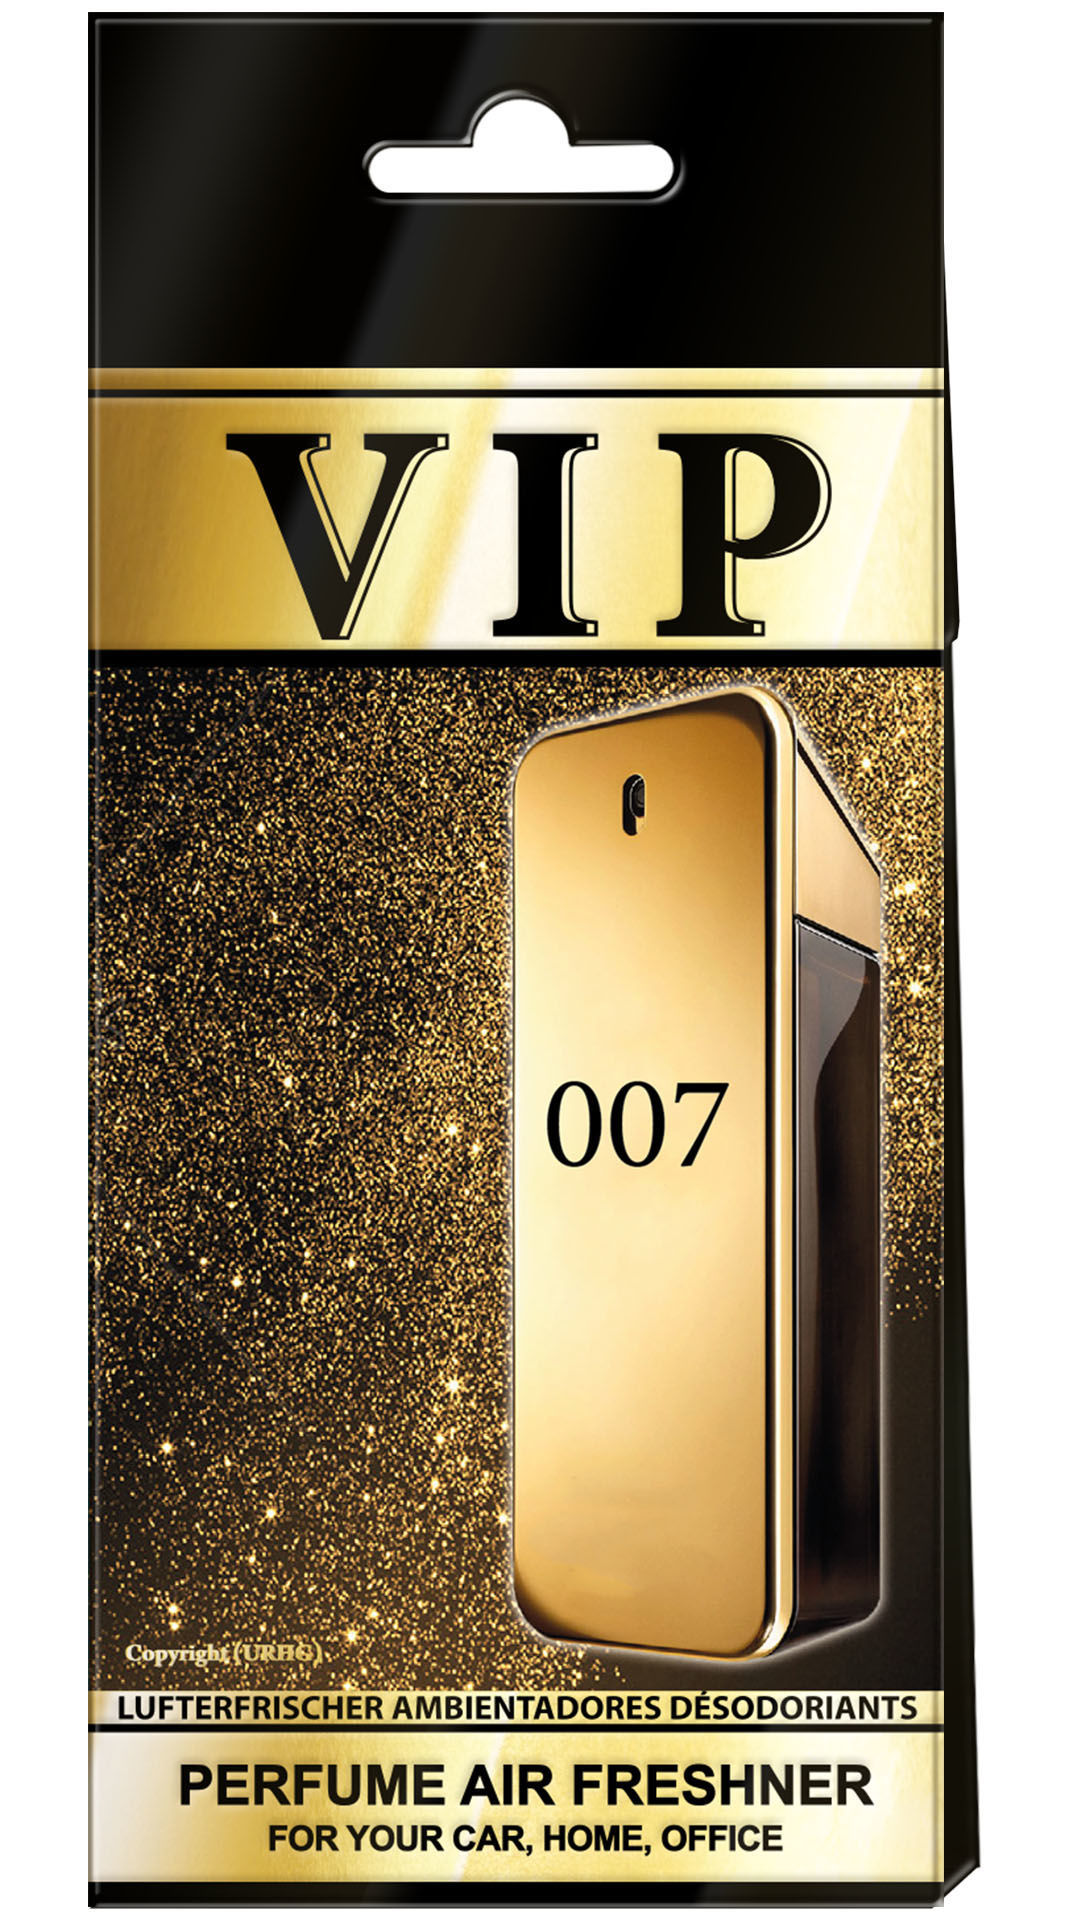 Illatosító VIP 007 1 MILLION